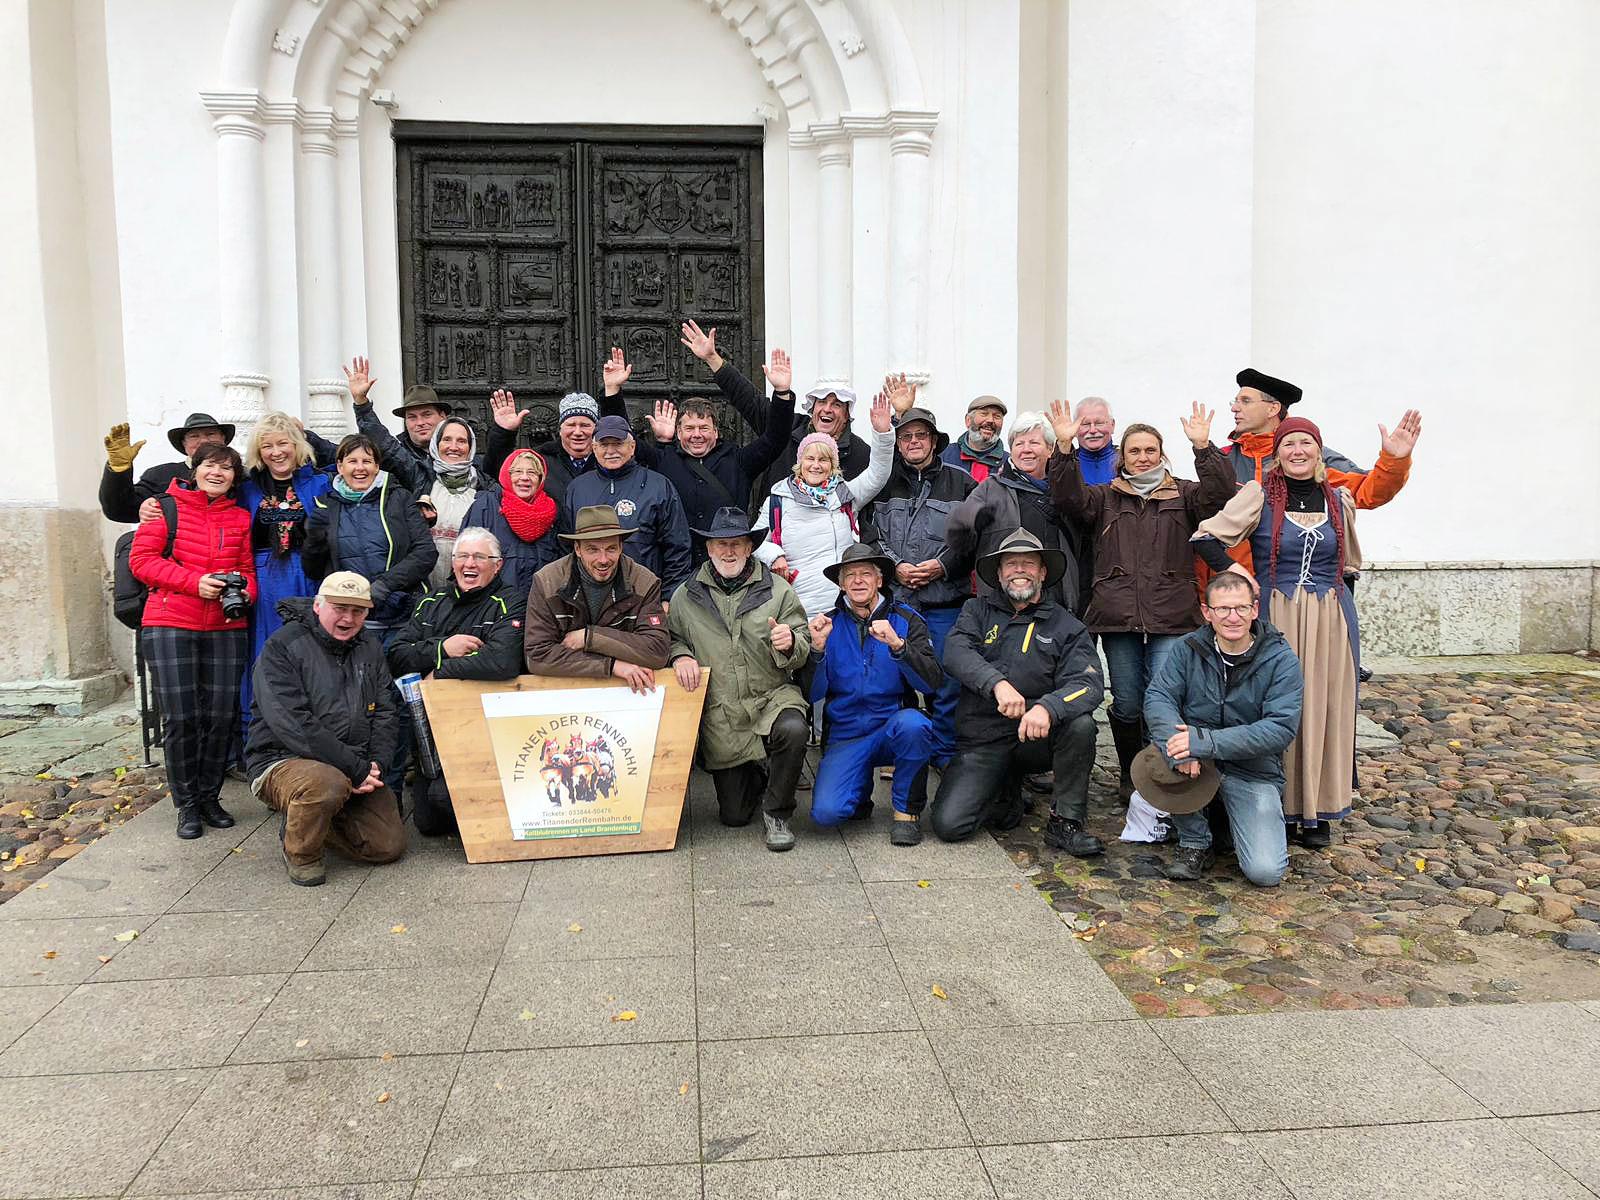 Die Mannschaft vor dem Magdeburger Tor - Titanen on tour in Weliki Nowgorod